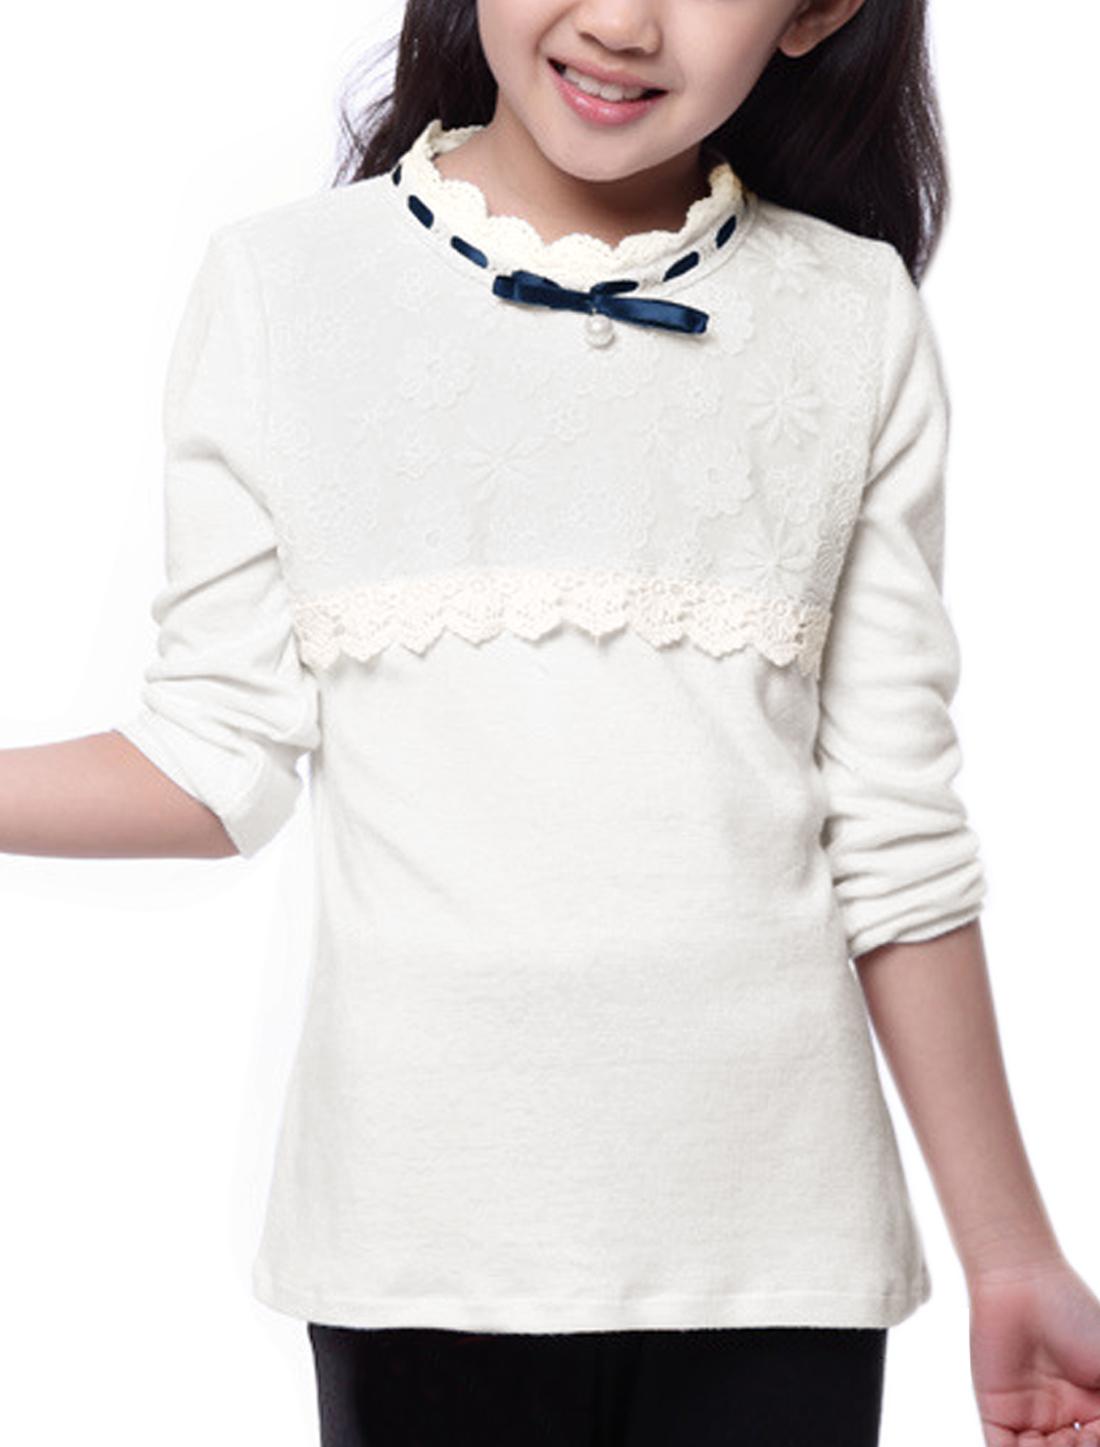 Girl Beaded Upper Lace Panel Long Sleeves Top Allegra Kids White 10